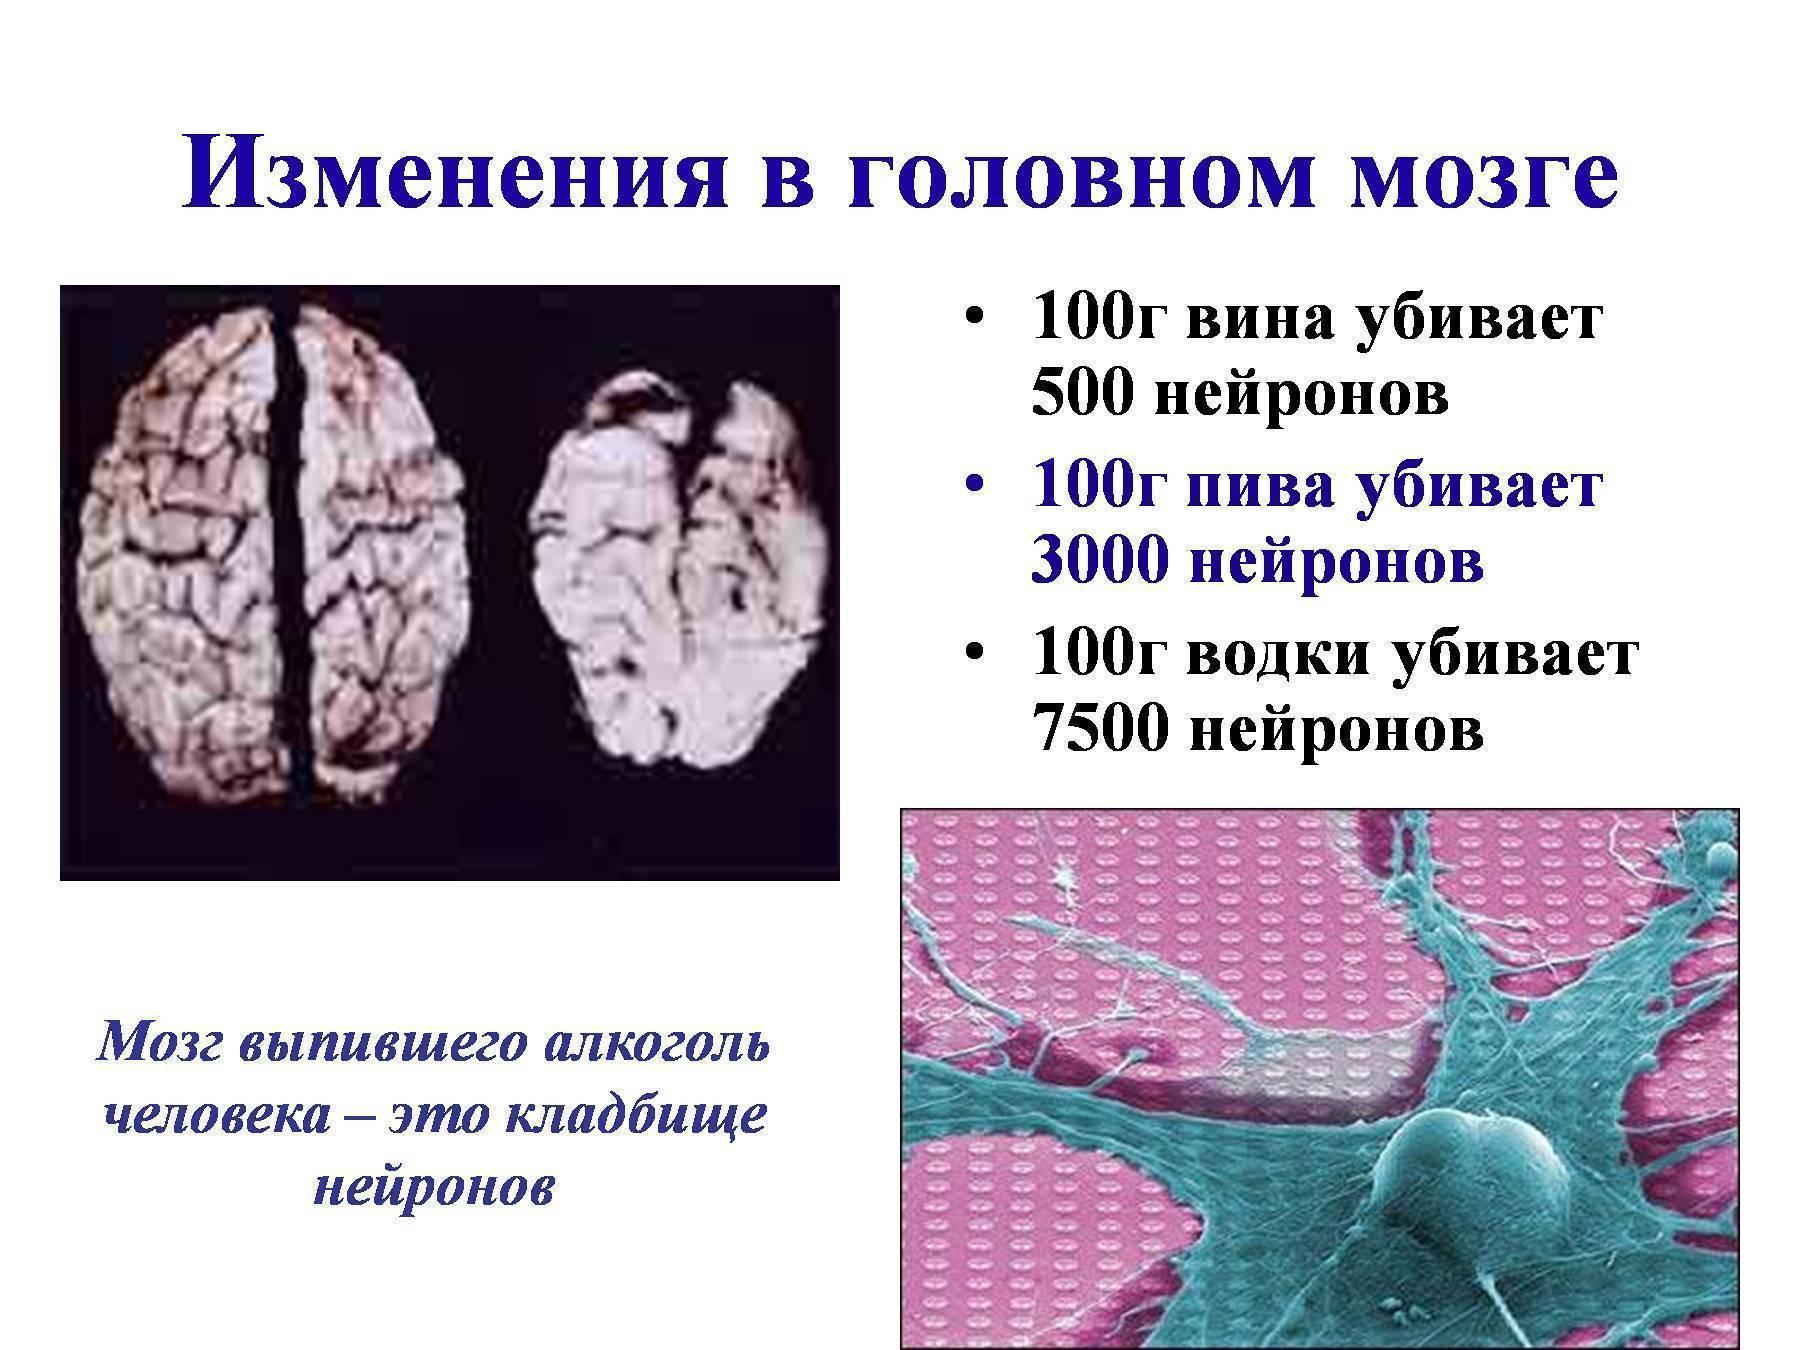 Что вреднее, курение или распитие спиртного: пагубные последствия для здоровья человека | medeponim.ru